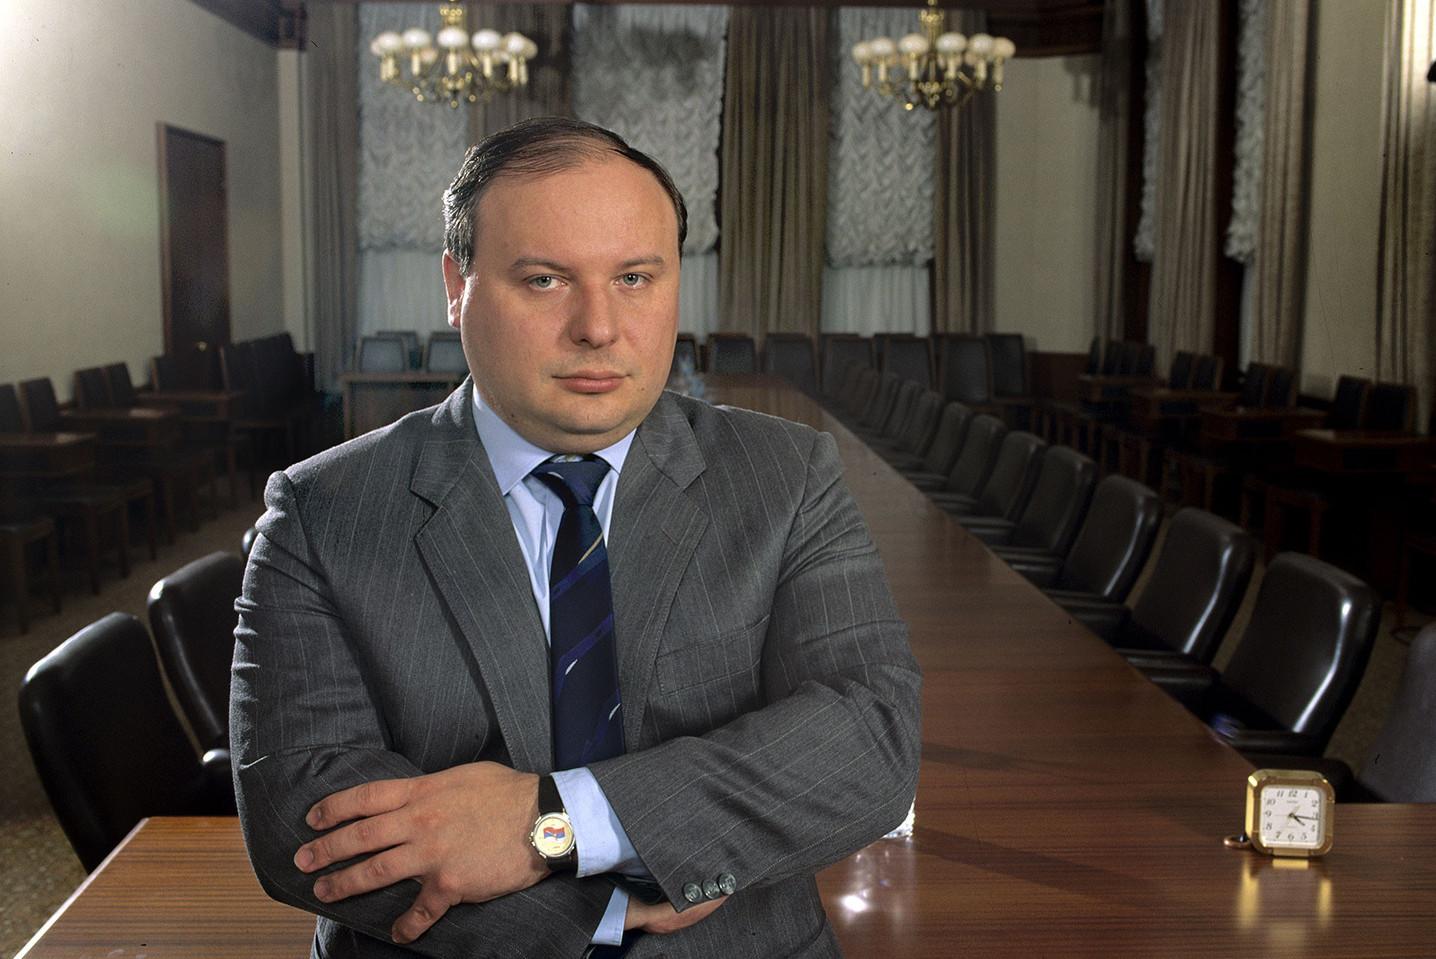 """Јегор Гајдар, сојветски и руски економиста и политичар, творац """"шок терапије"""" реформи у Русији (Фото: newsprice.info)"""